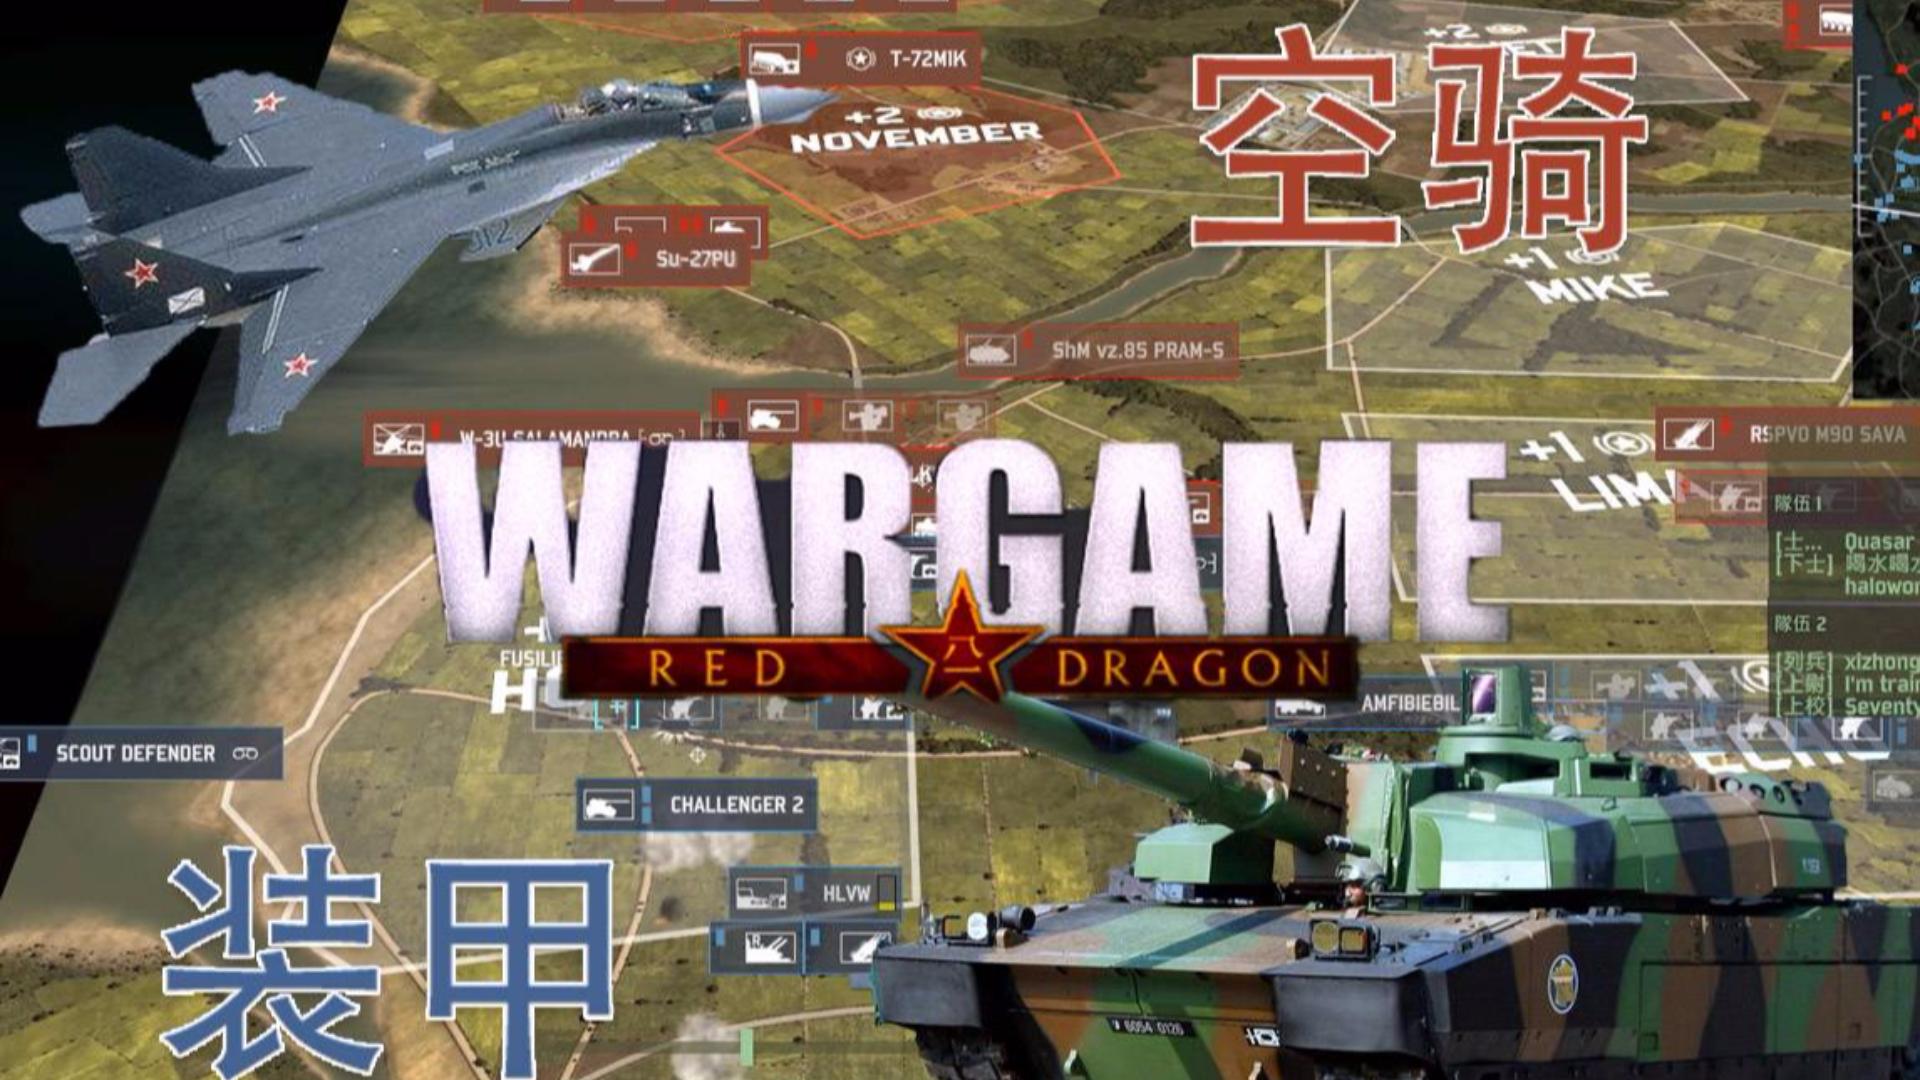 战争游戏红龙 精彩的1v1大佬对决